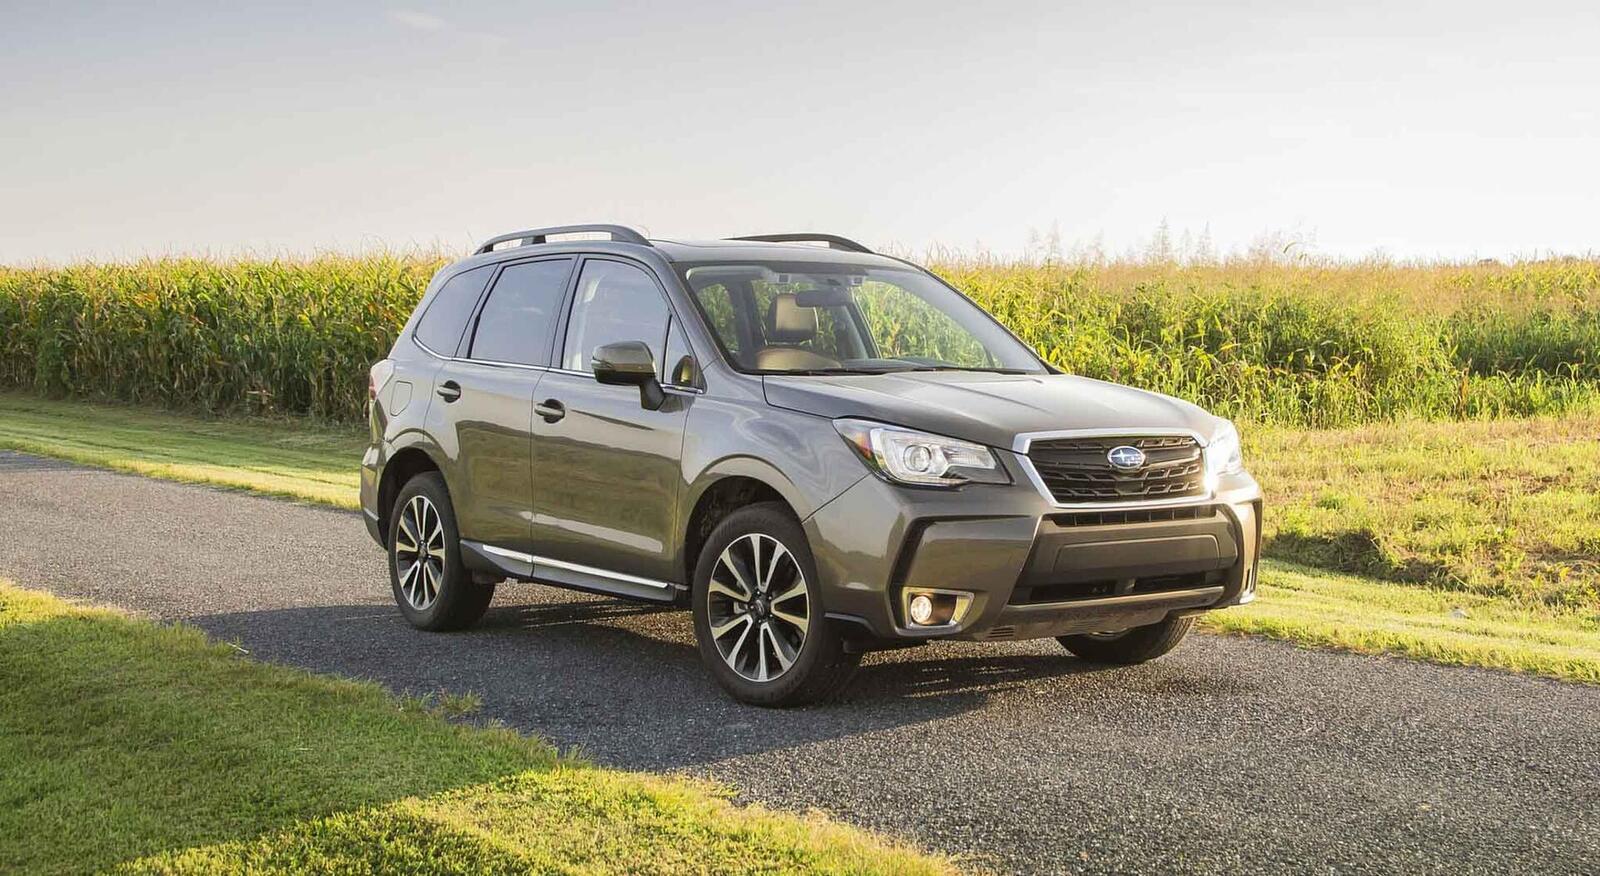 Sự khác biệt giữa Subaru Forester thế hệ mới và cũ - Hình 6